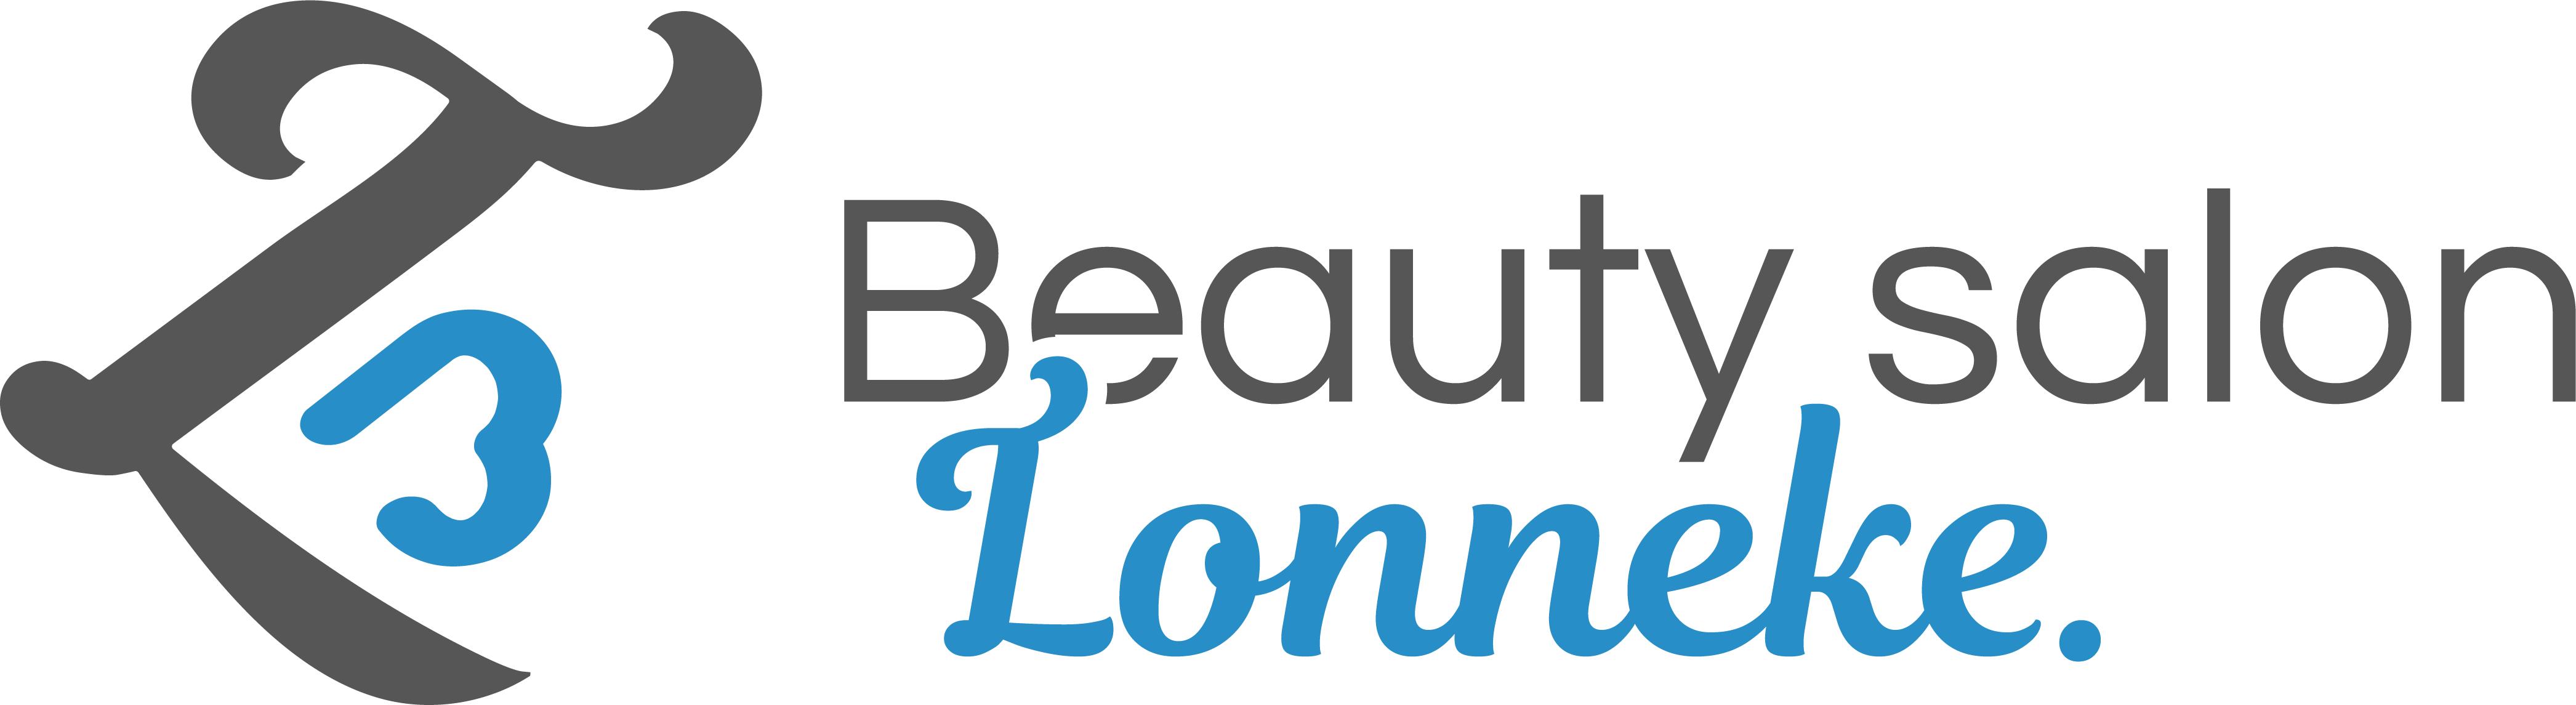 Beautysalon Lonneke